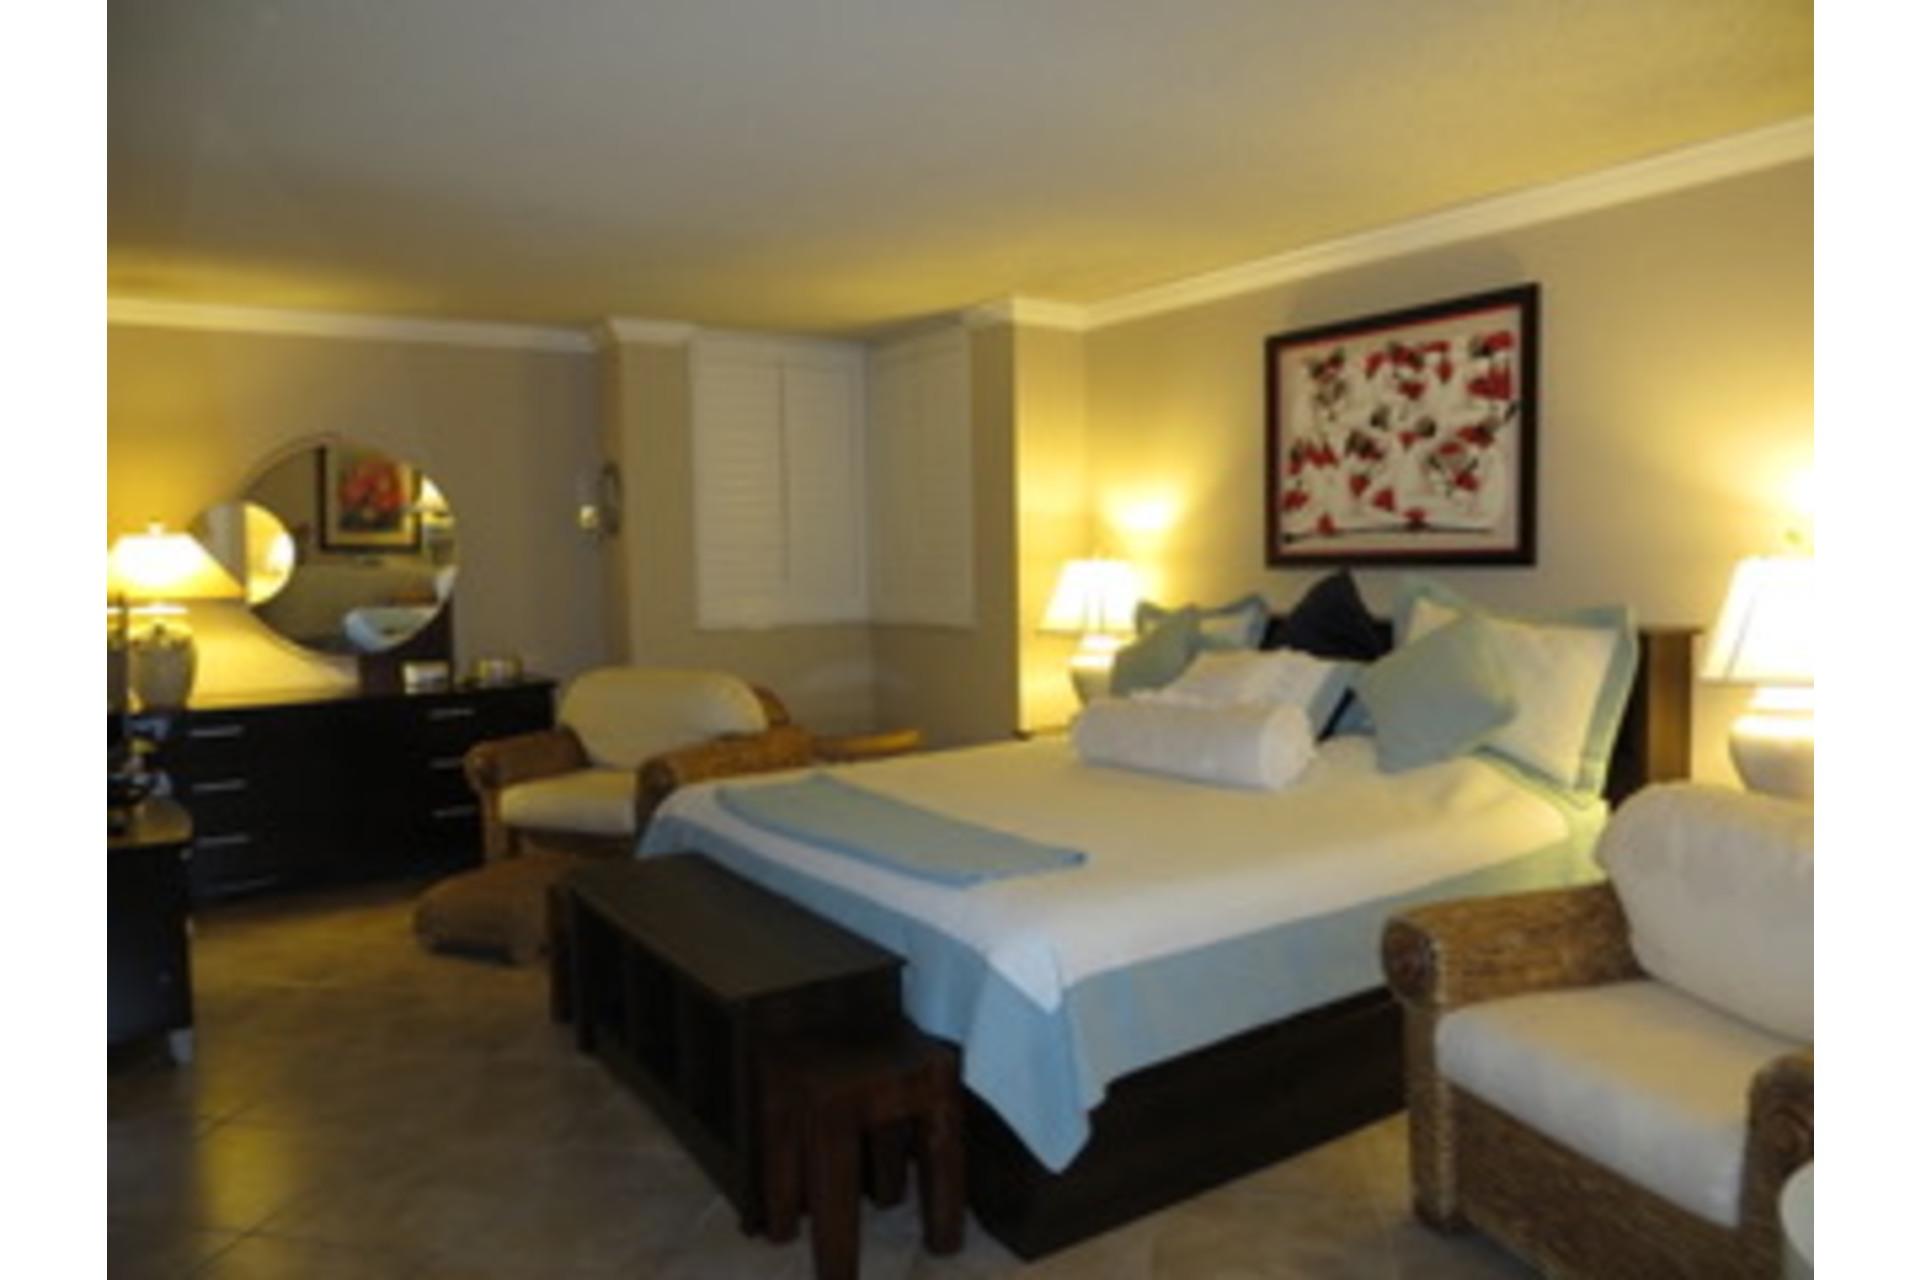 image 20 - Condo Short rental Hallandale Beach - 6 rooms